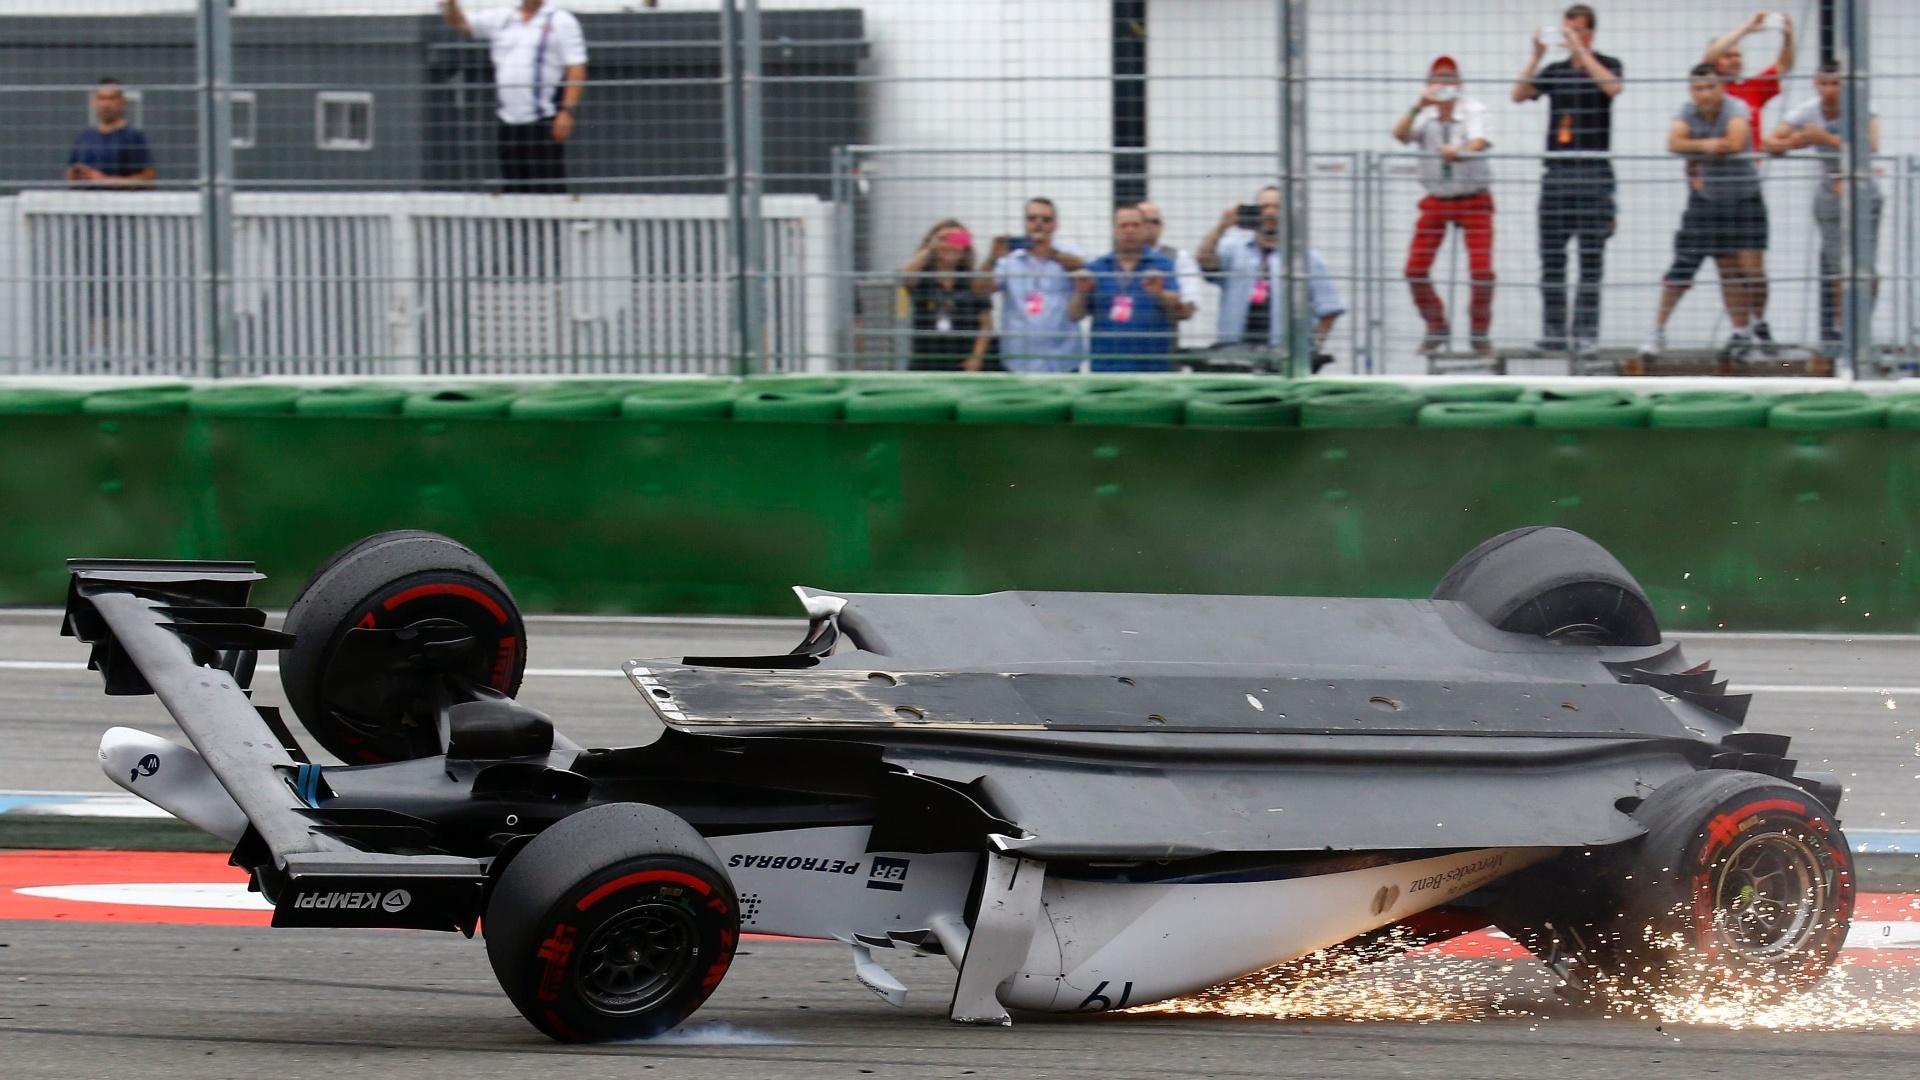 20.jul.2014 - Carro de Felipe Massa se arrasta no chão após capotar com choque no veículo de Magnussen